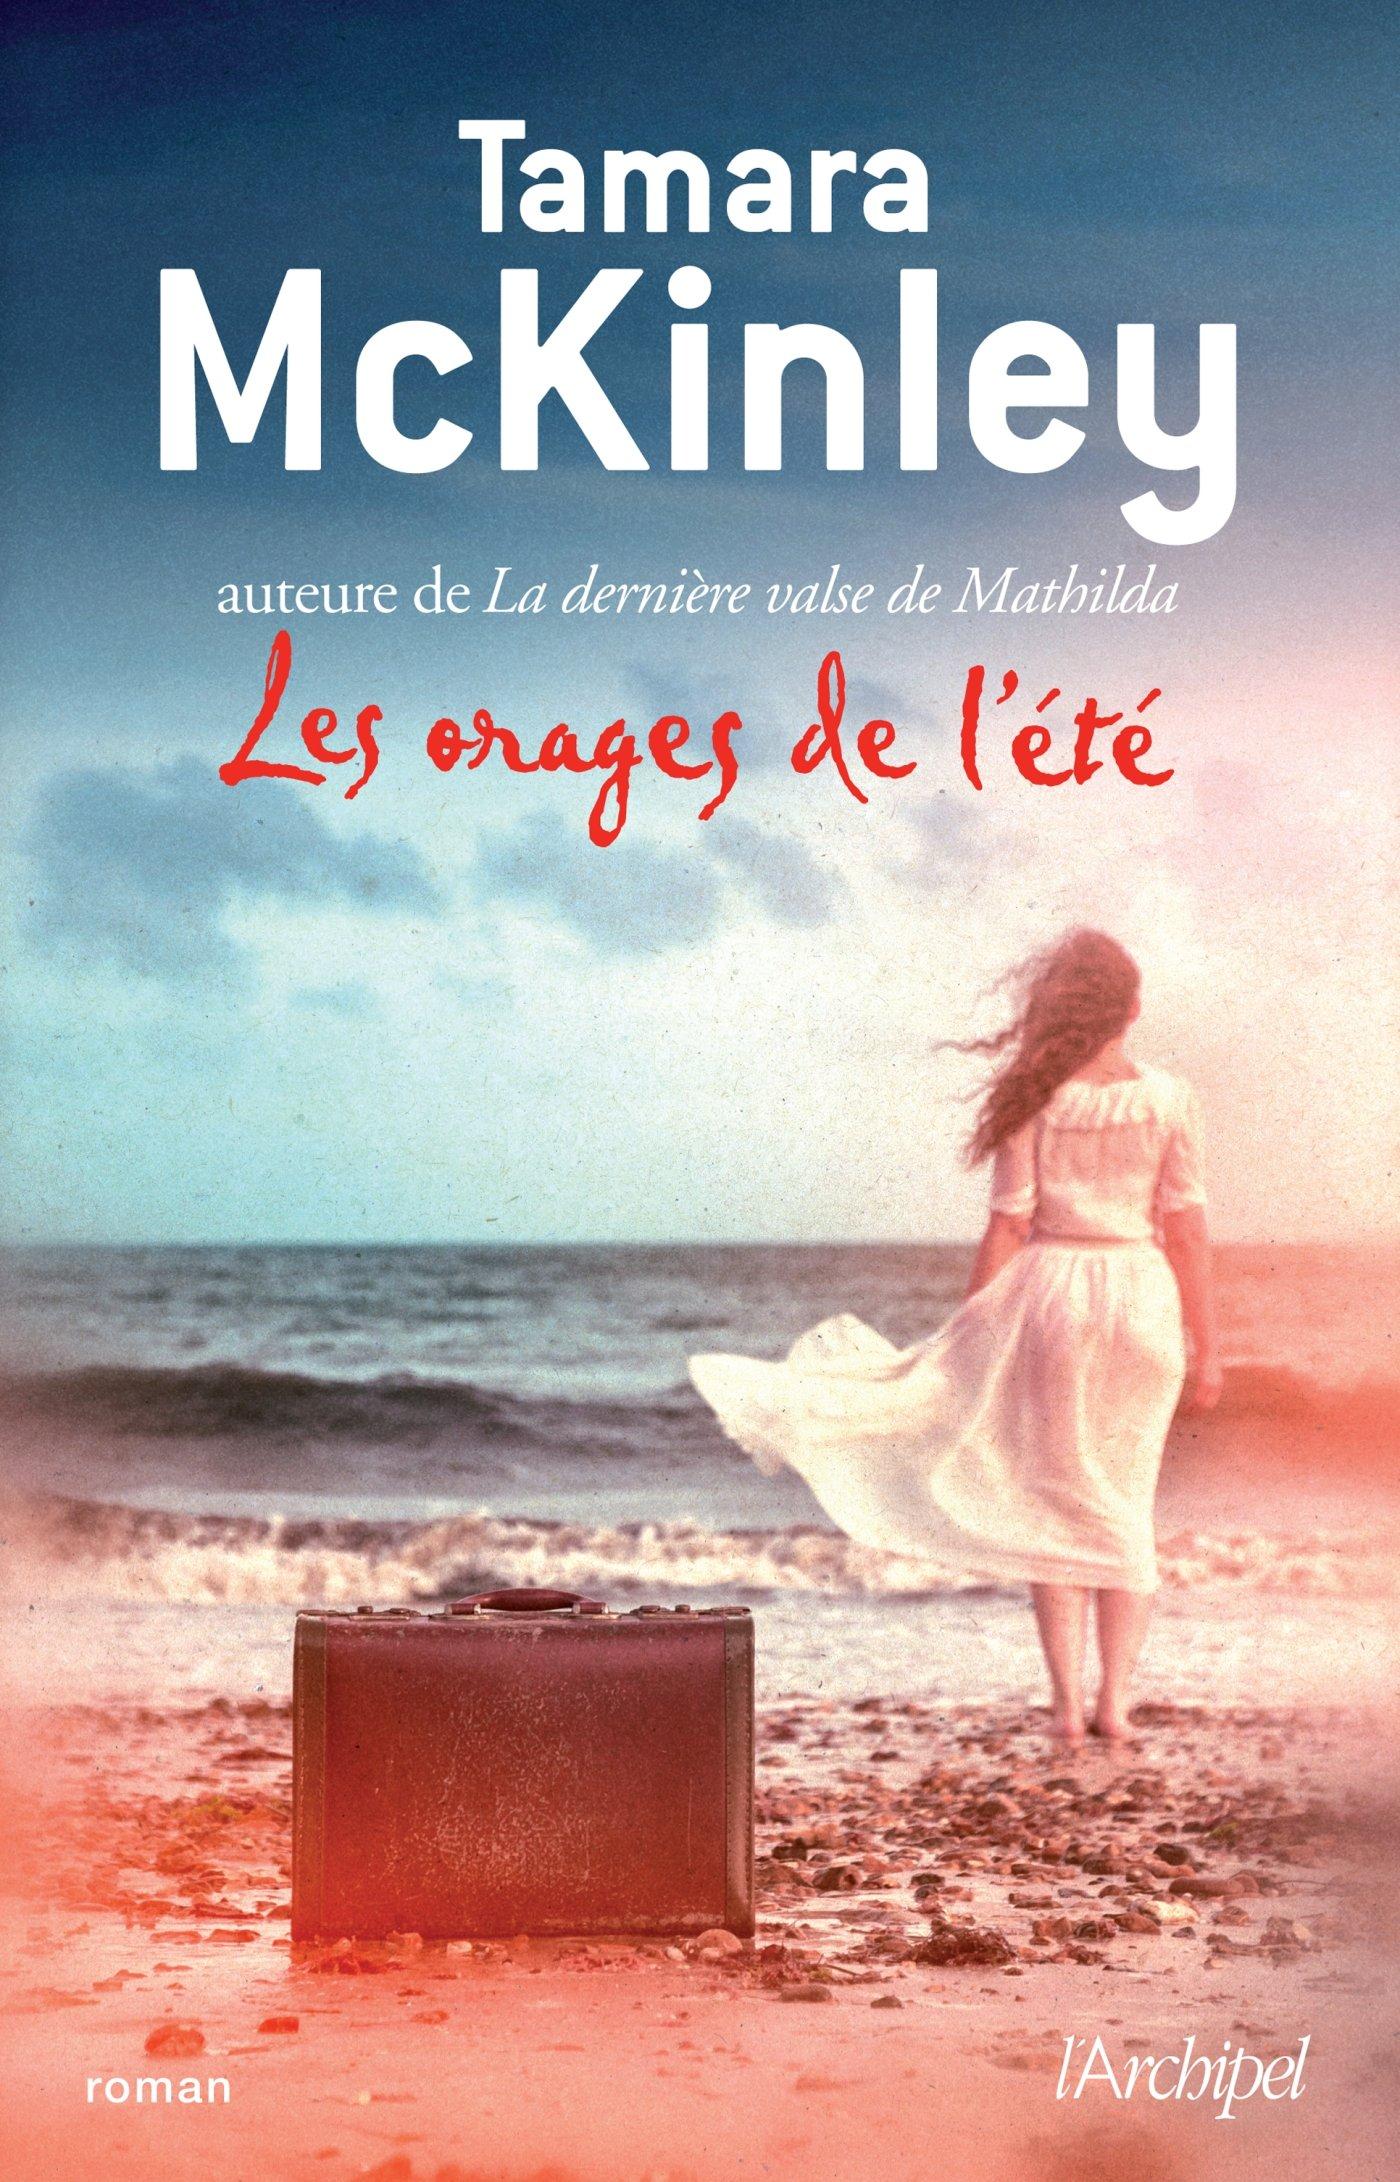 """Résultat de recherche d'images pour """"tamara mckinley livres"""""""